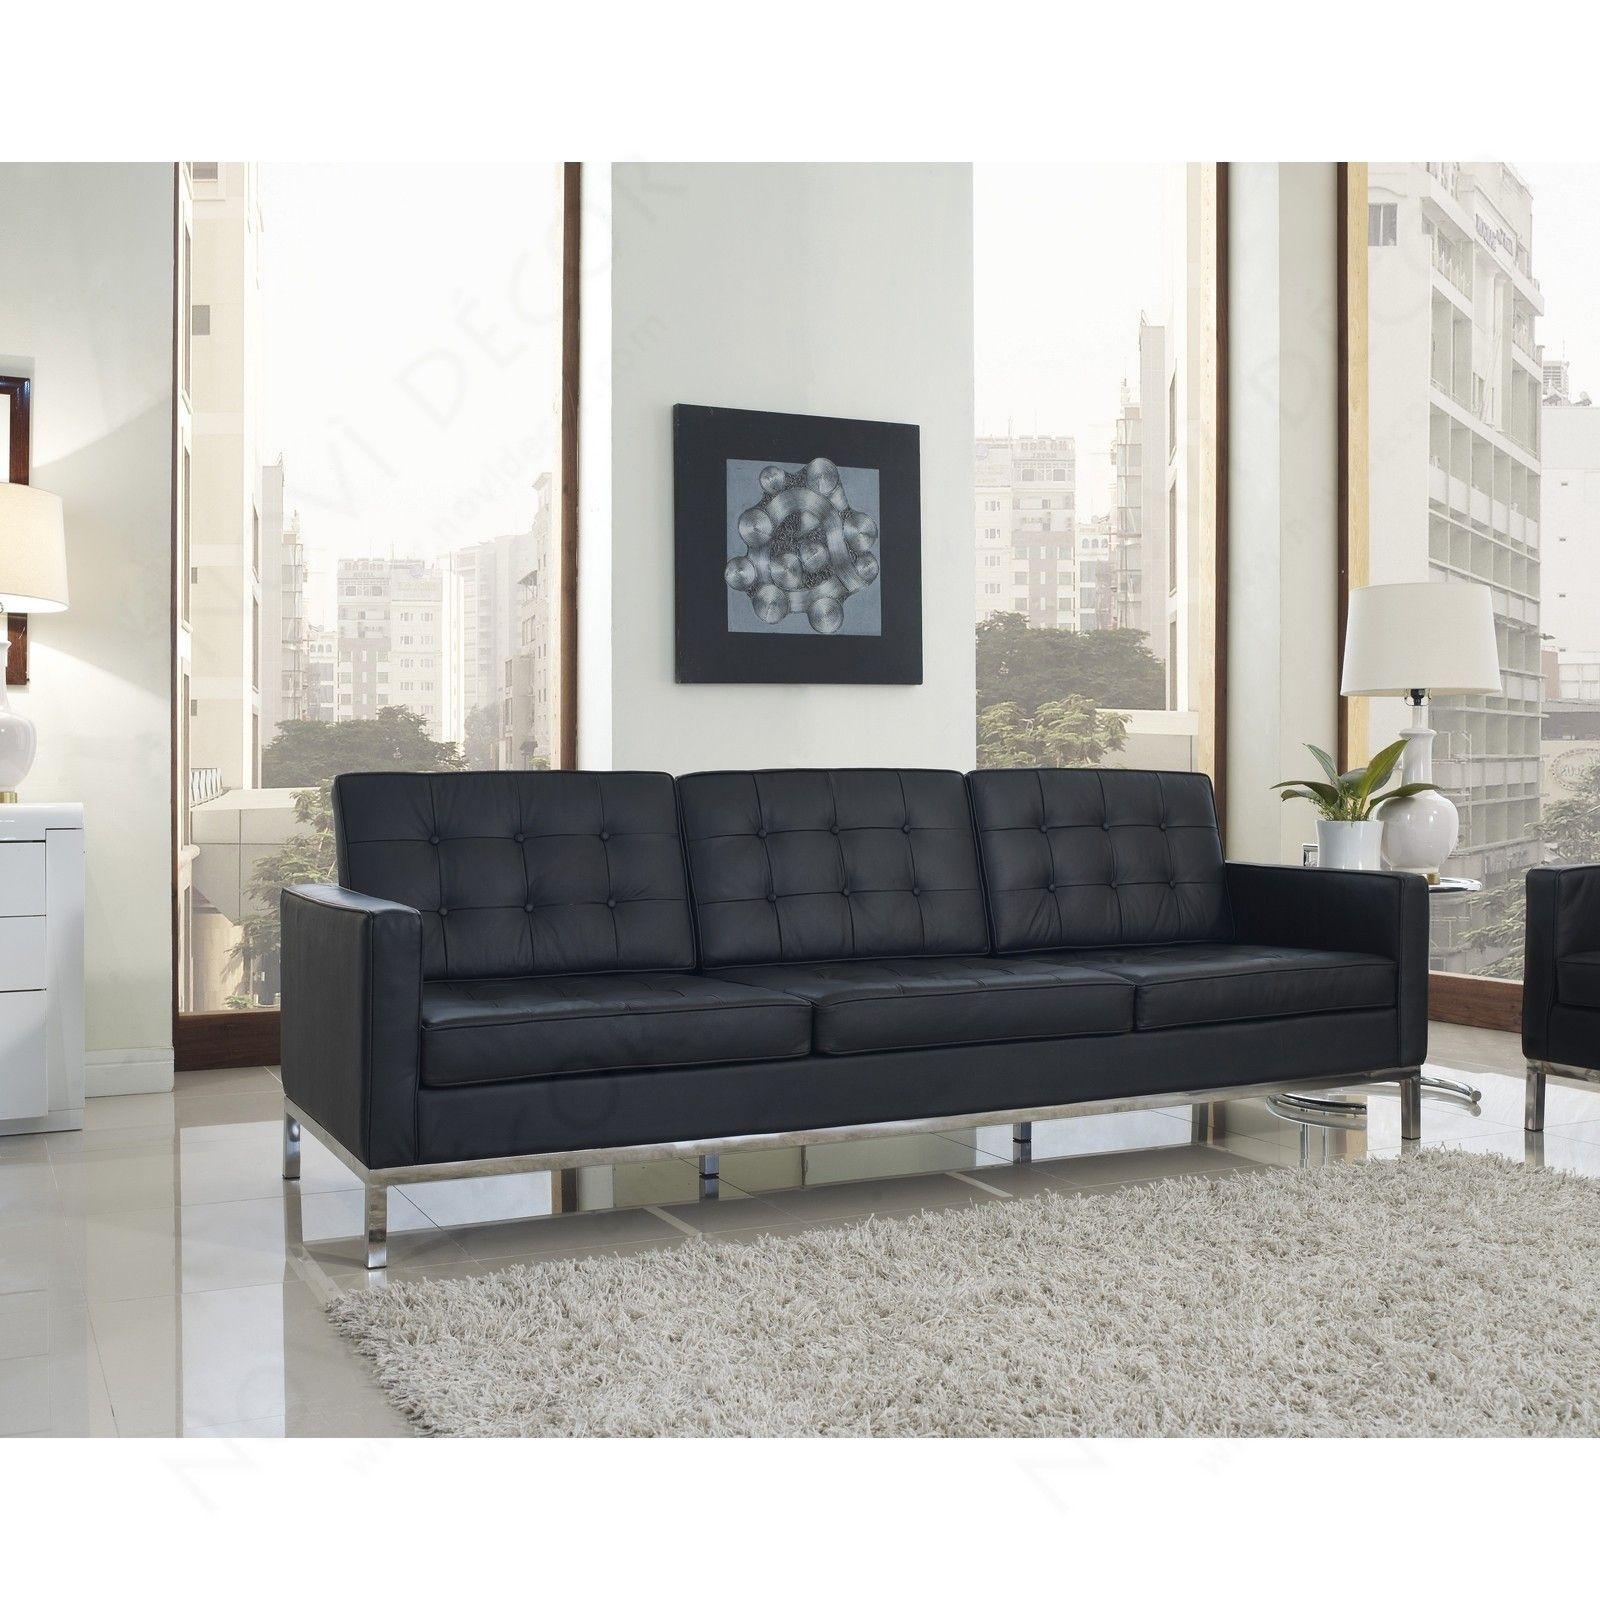 Florence Knoll Ledersofa   Dreisitzer Sofa Einrichtung Für Das Wohnzimmer